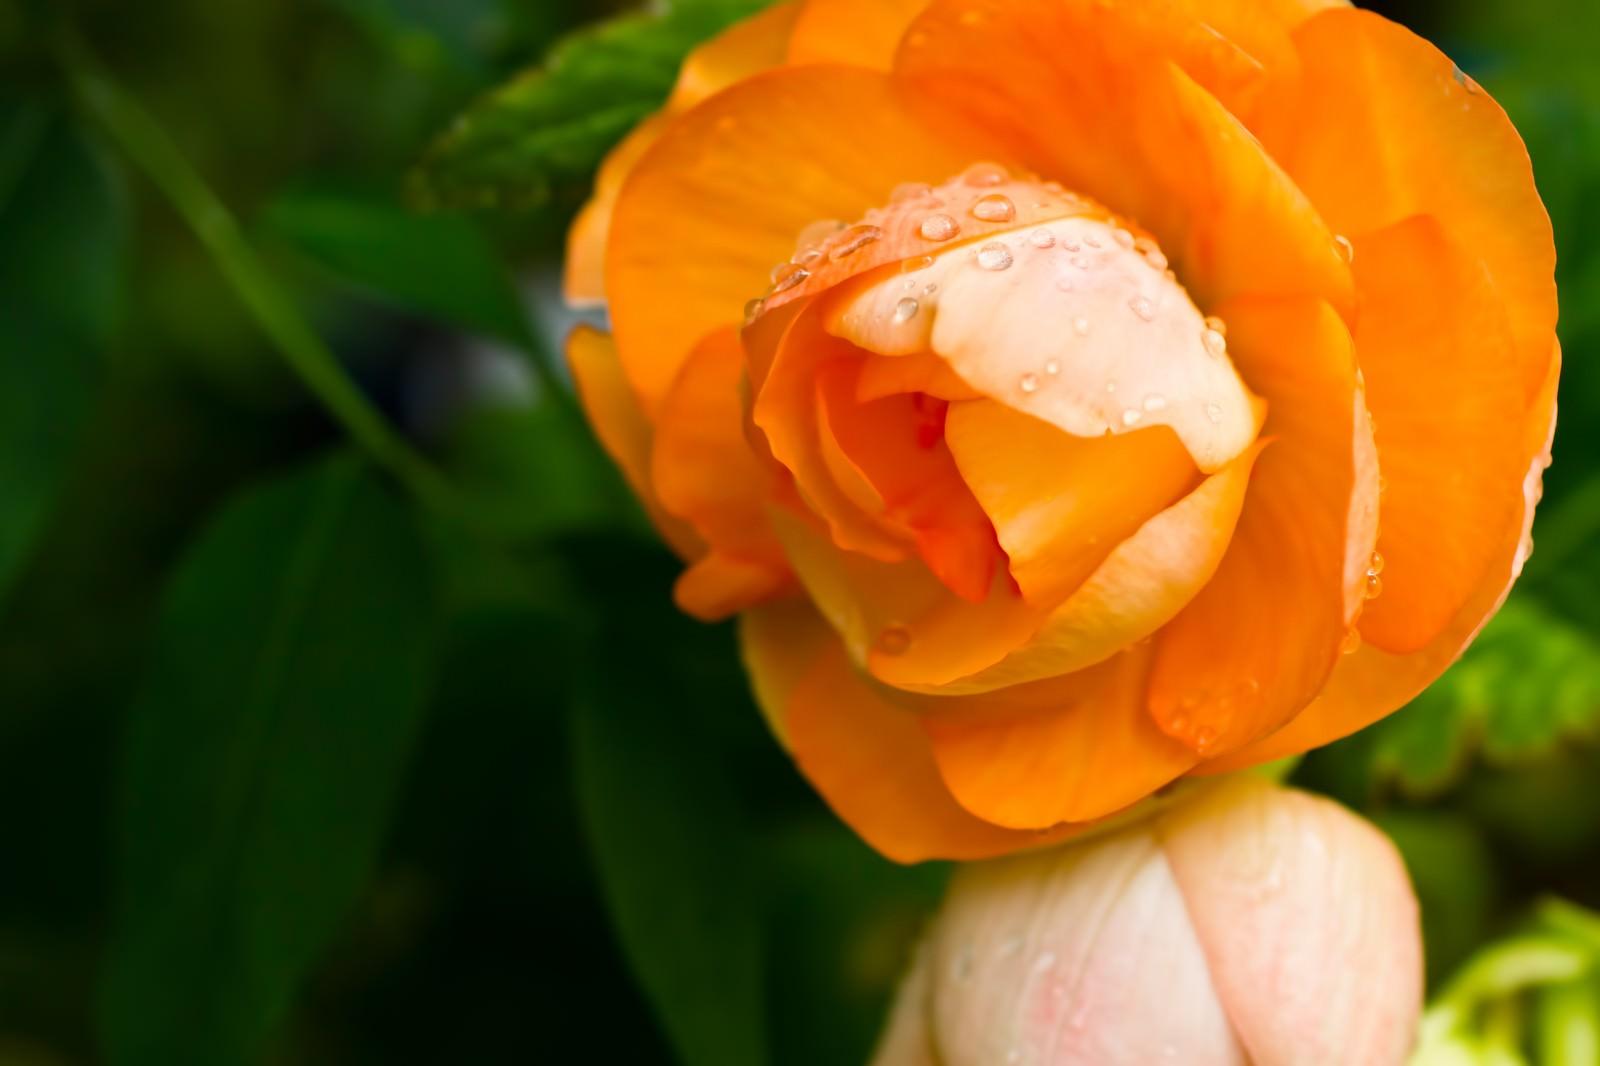 「水滴とオレンジの花」の写真